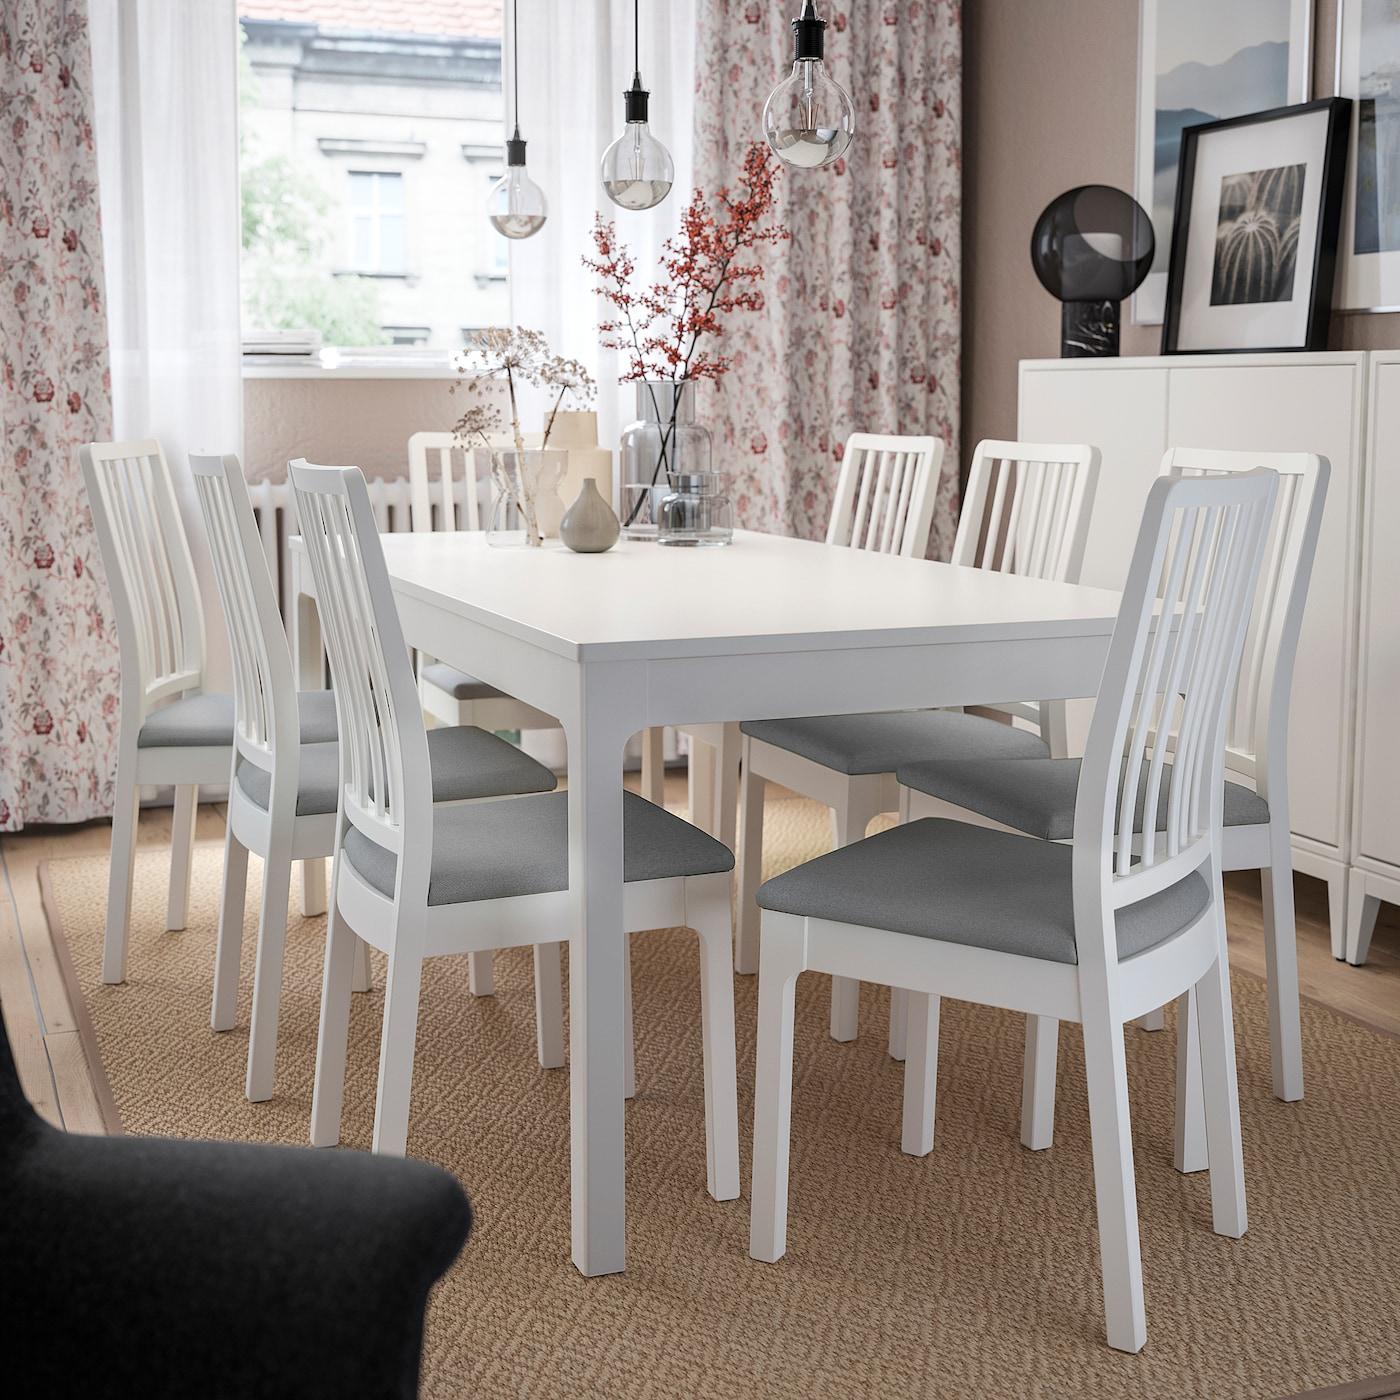 EKEDALEN Chaise, blanc, Orrsta gris clair IKEA